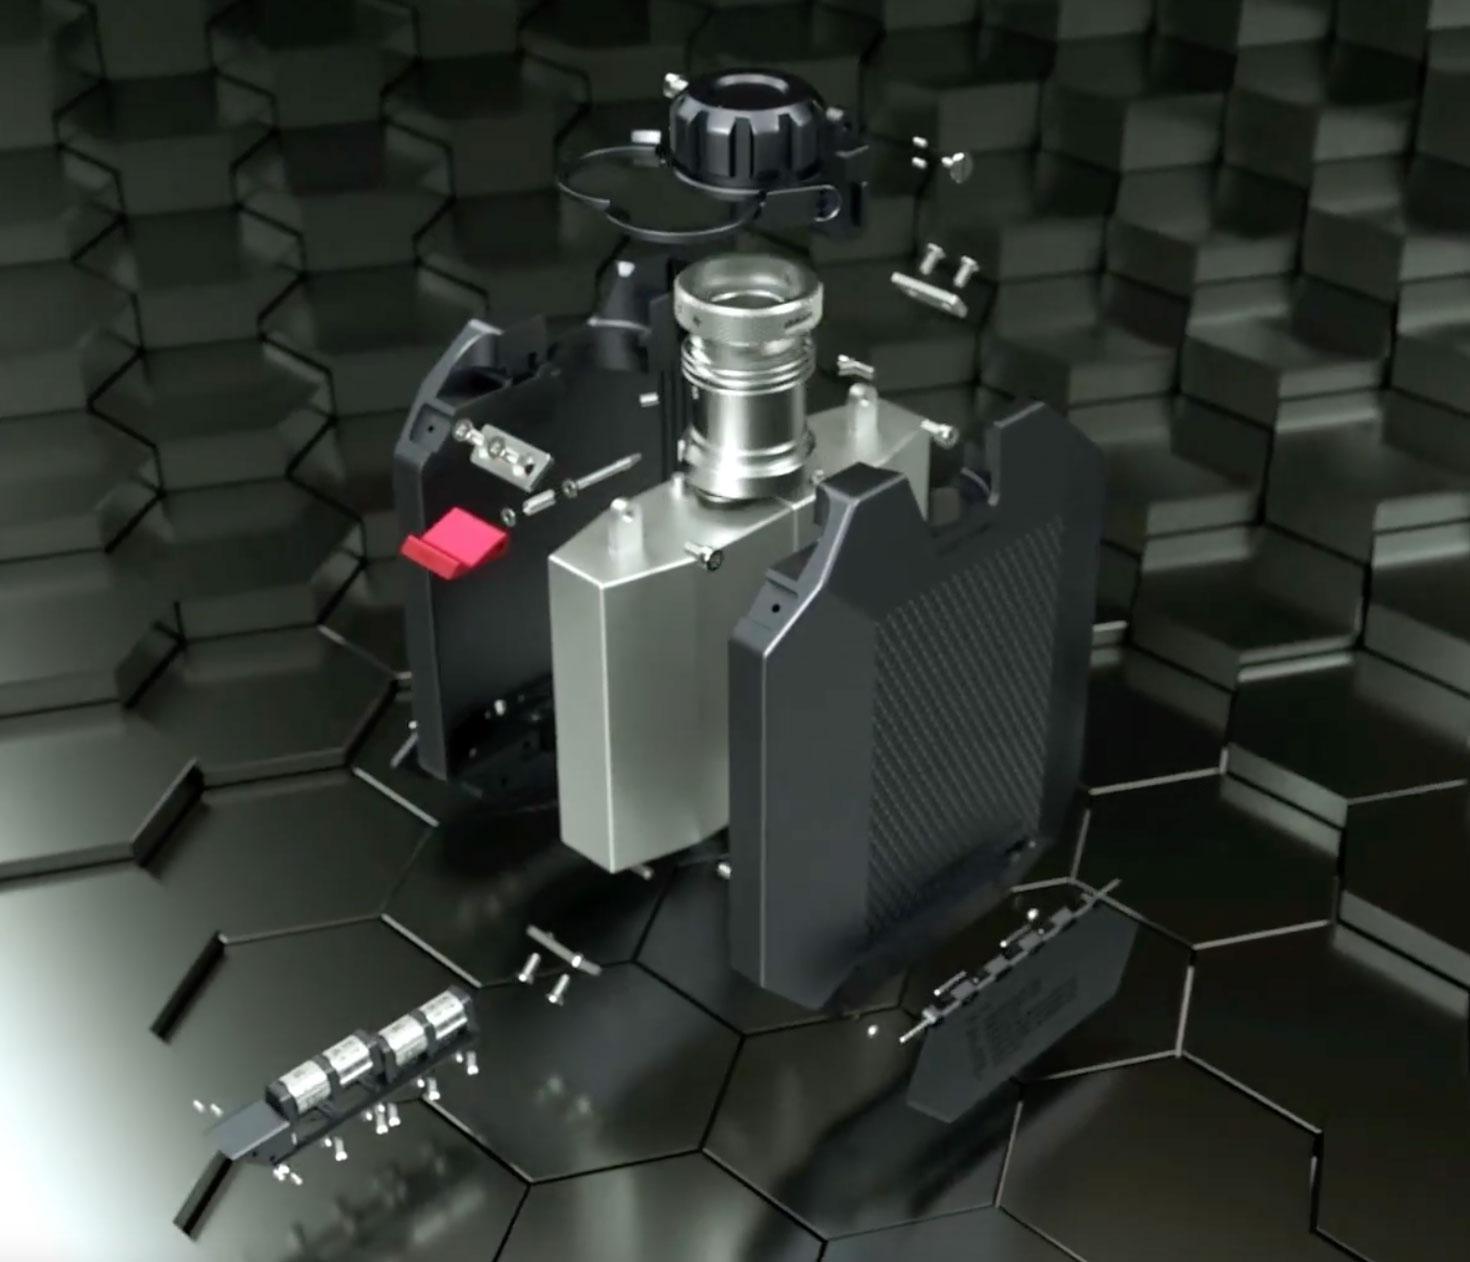 The Macallan x URWERK Flask 2-3